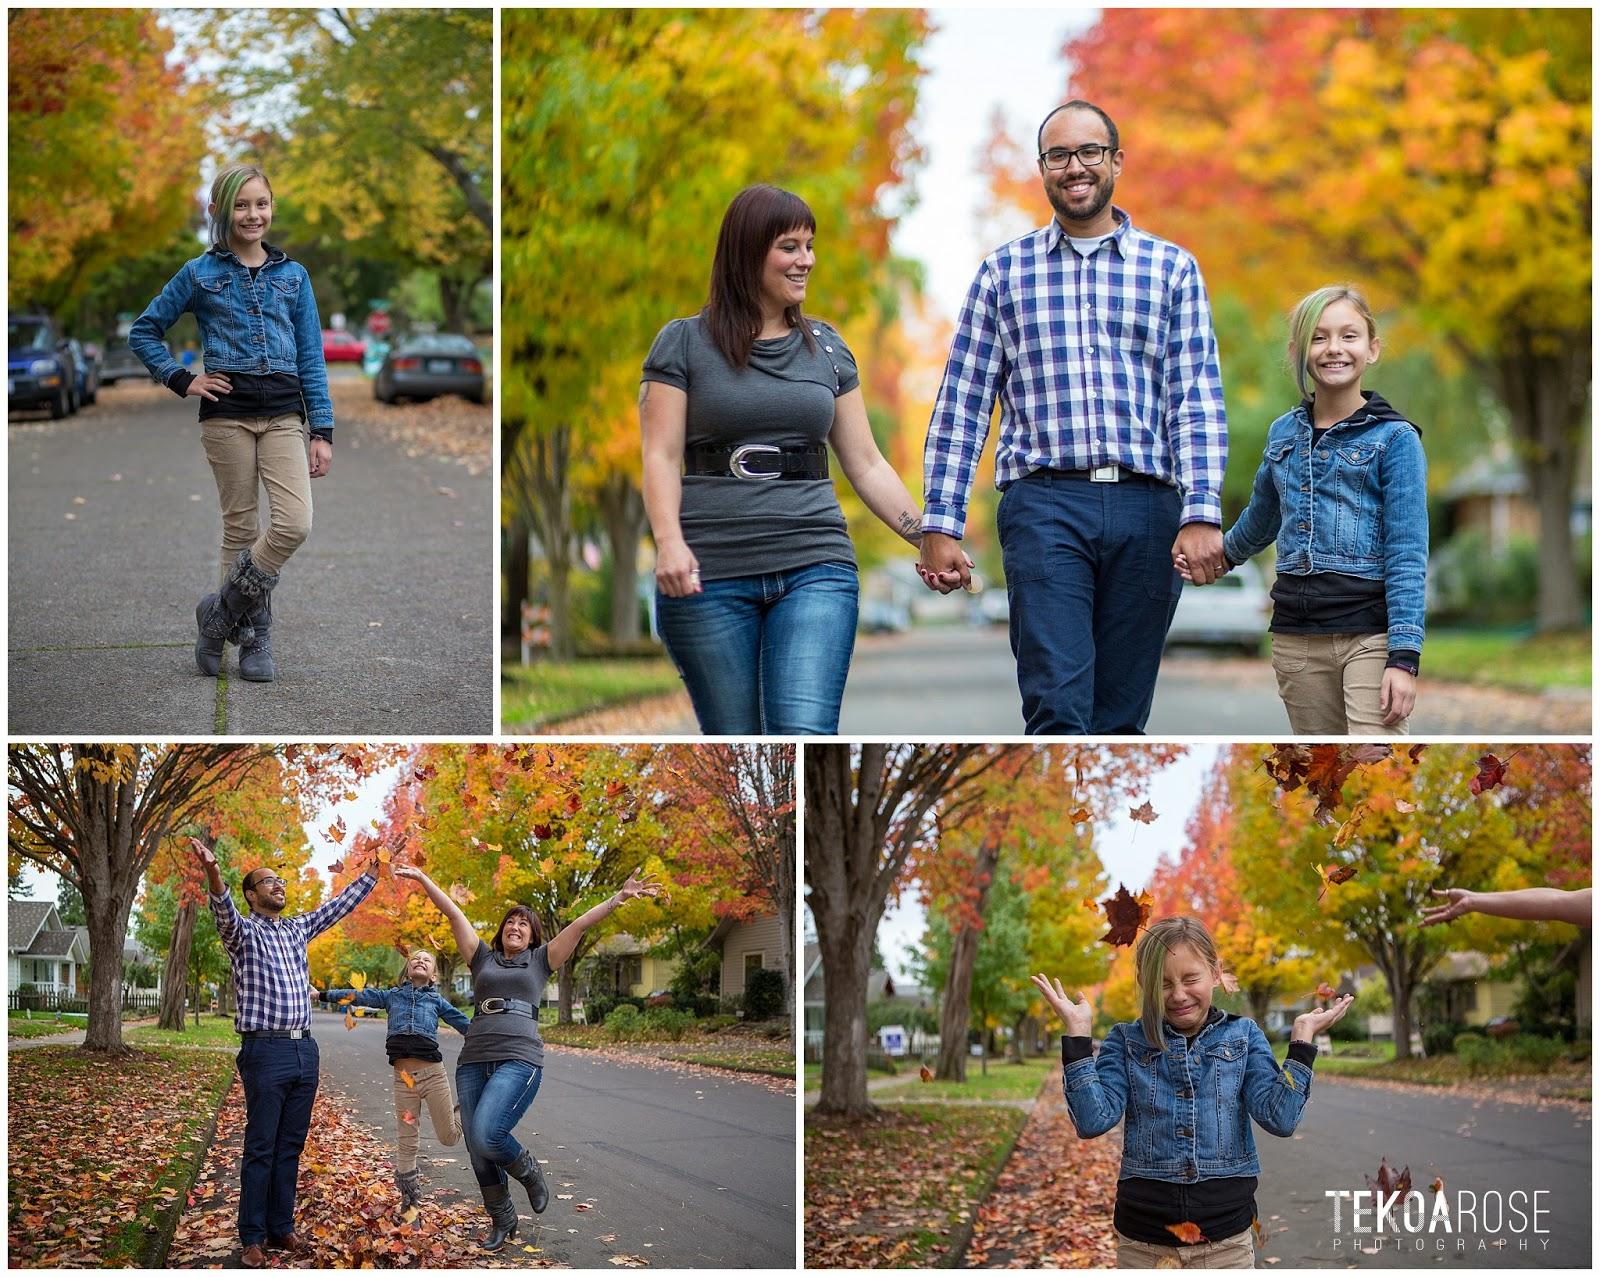 Tekoa Rose Photography | Vecht Family | Salem, Oregon ...